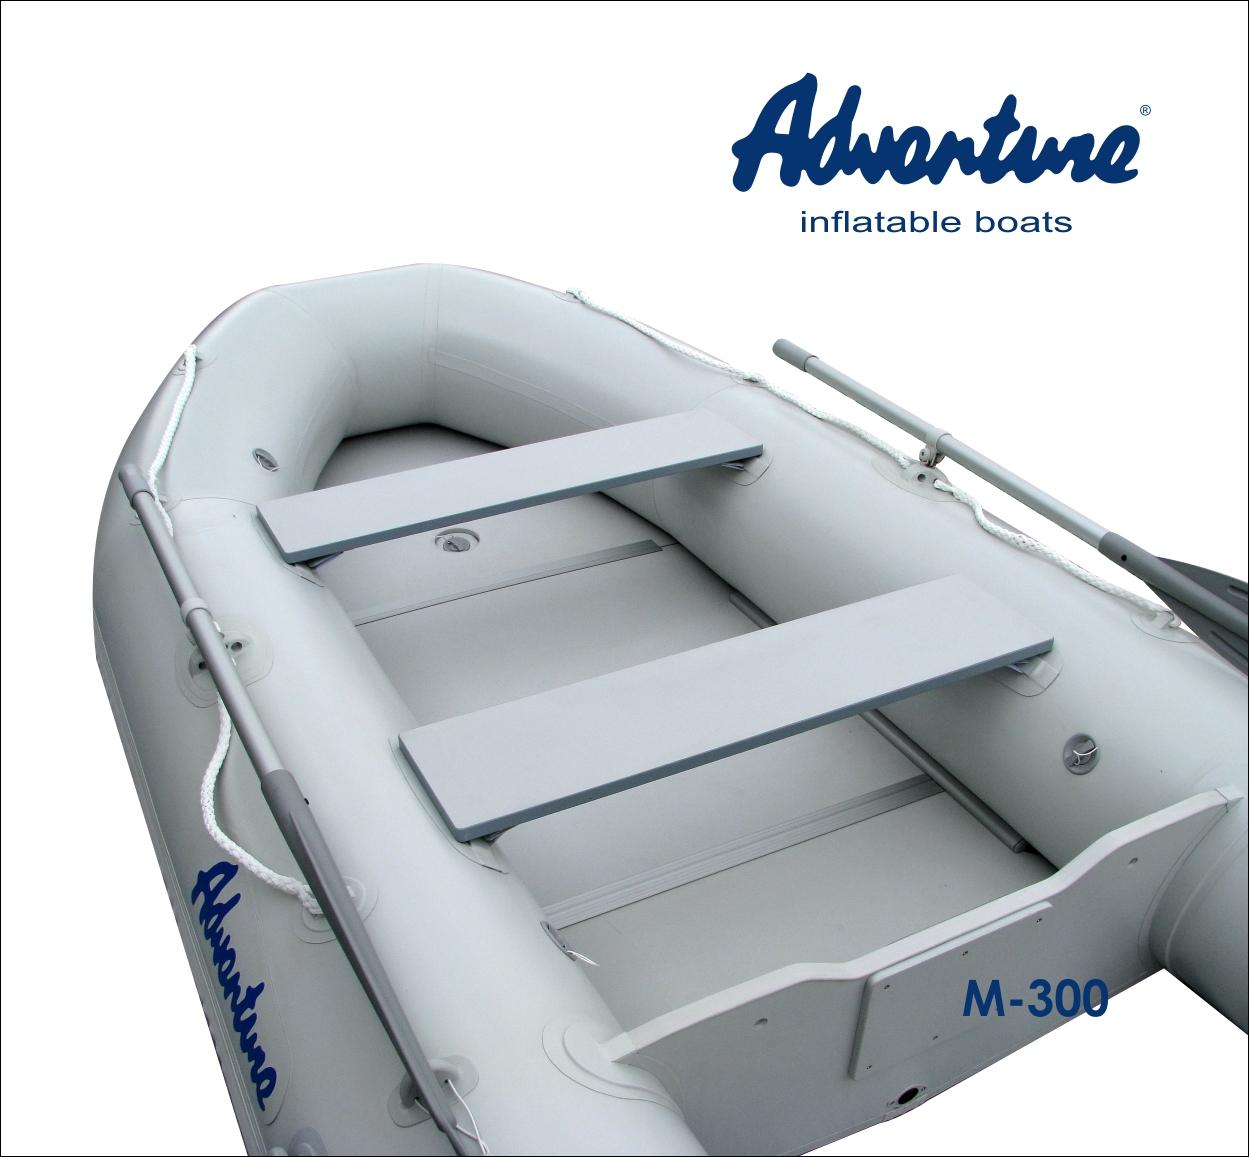 Nafukovací čluny Adventure třídy Master 1 se pyšní velkým vnitřním prostorem a propracovanou konstrukcí